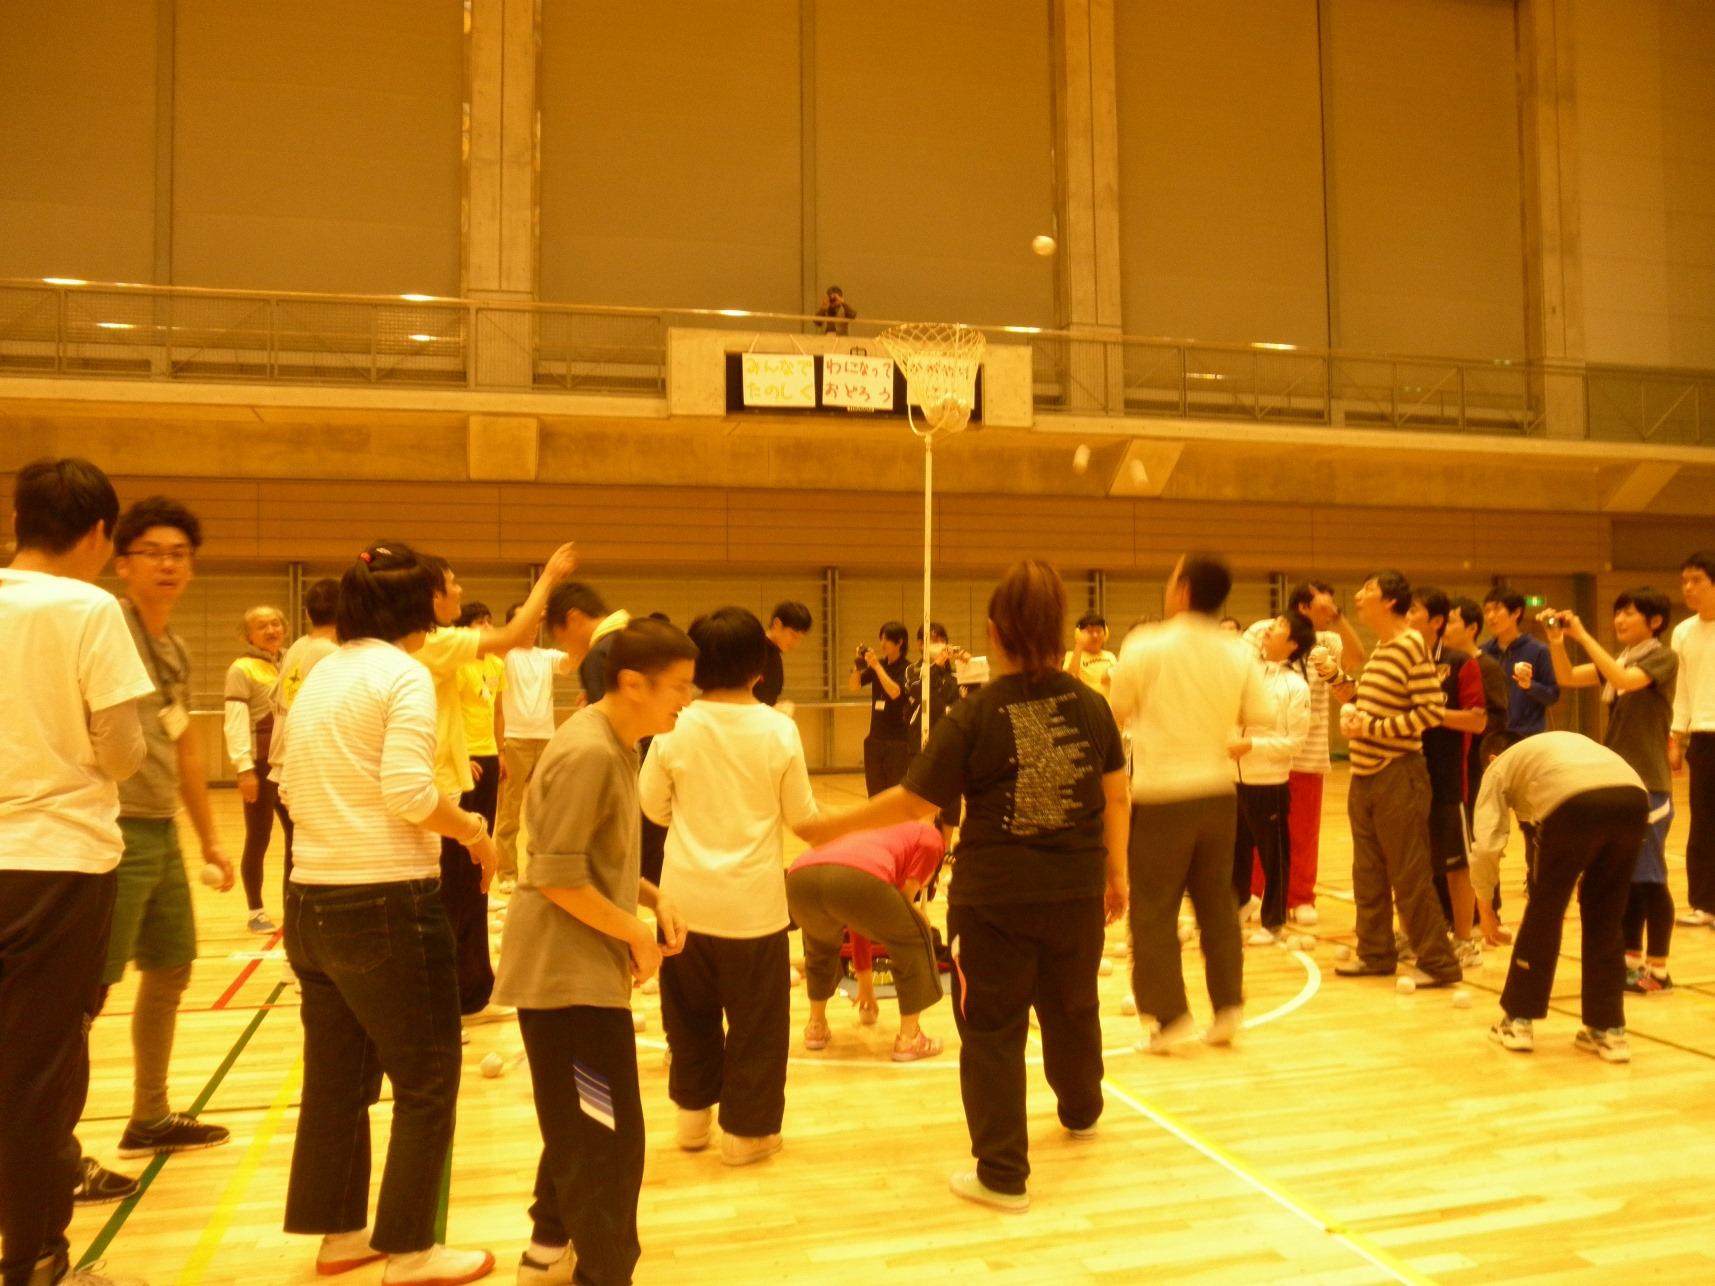 20131110182005 - 「にじの会 スポーツ大会!」より